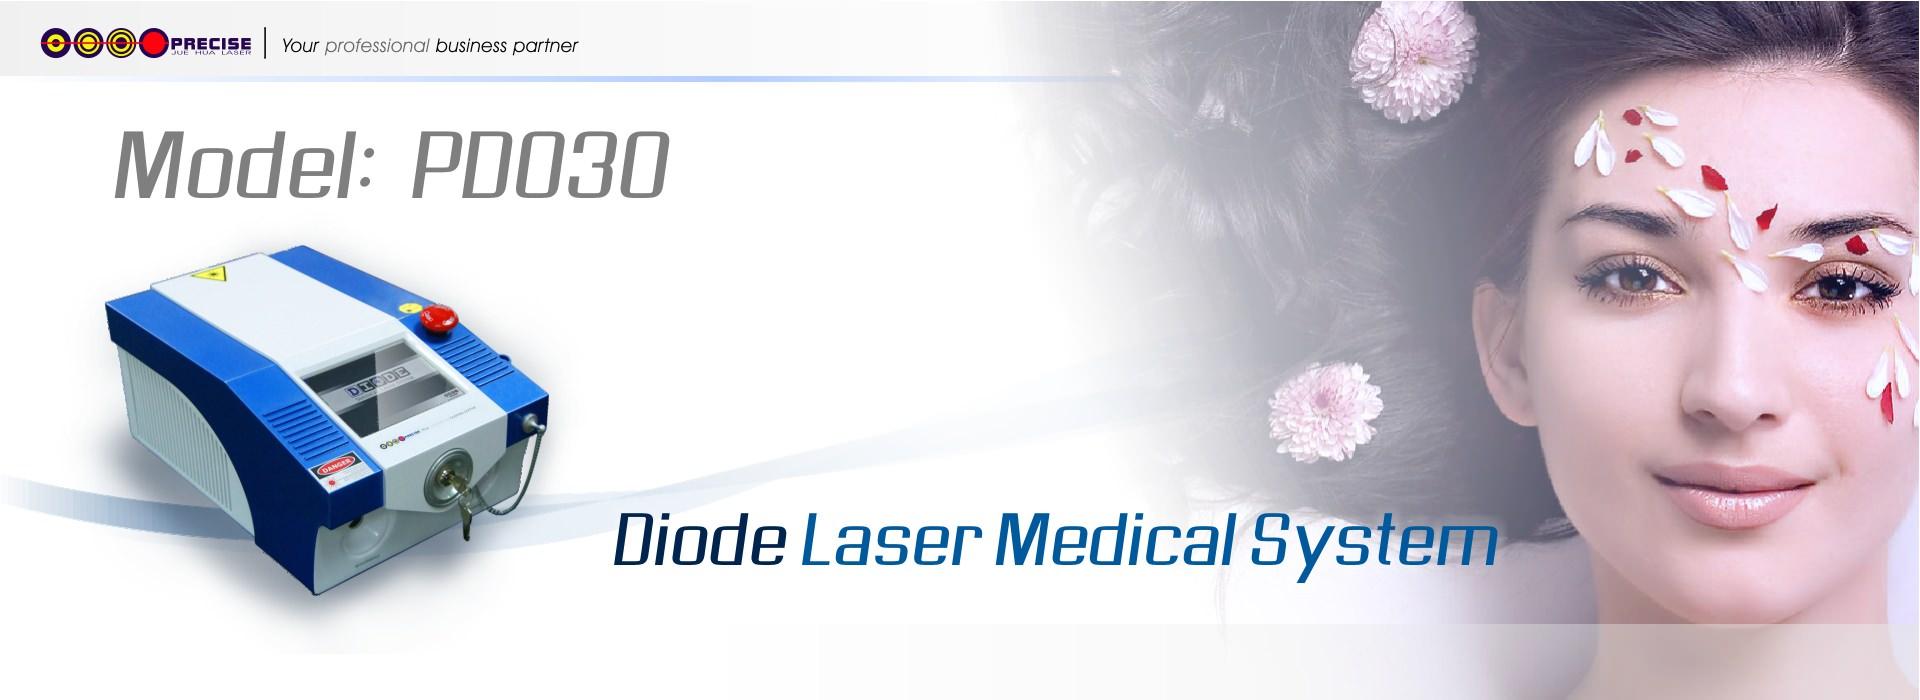 Diode Laser Medical System